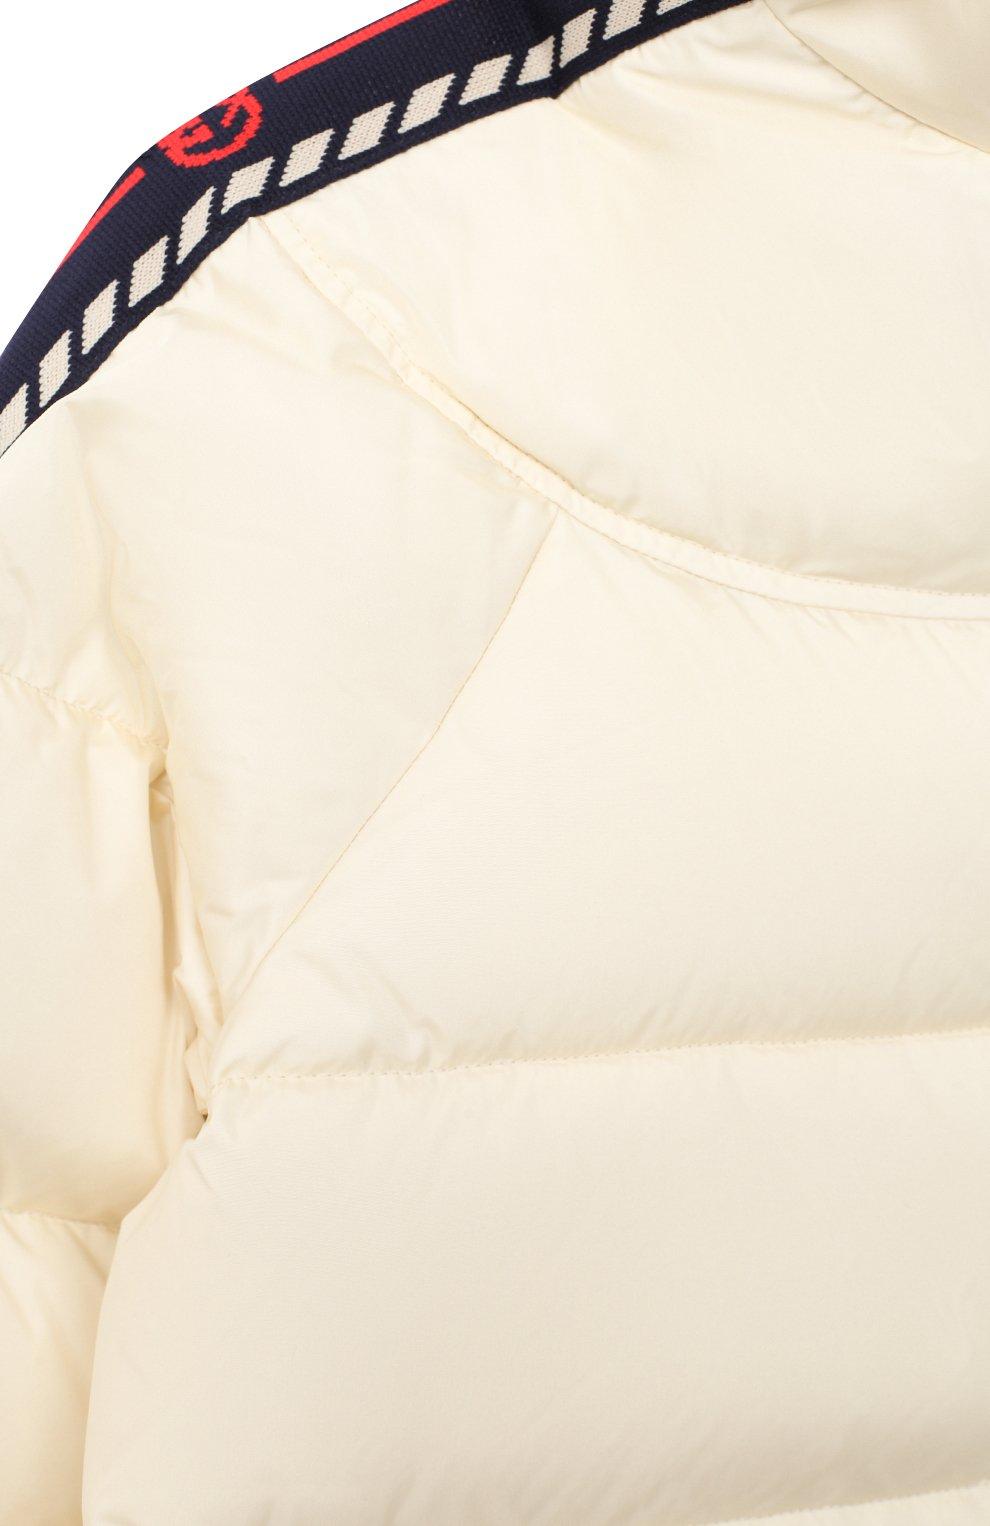 Детская пуховая куртка GUCCI бежевого цвета, арт. 622831/XWAK7 | Фото 3 (Кросс-КТ: Сезон: зима; Девочки Кросс-КТ: Пуховик-верхняя одежда; Рукава: Длинные; Материал внешний: Синтетический материал; Материал подклада: Синтетический материал; Материал утеплителя: Пух и перо; Ростовка одежда: 10 - 11 лет | 140 - 146см, 13 - 15 лет | 158 см, 4 года | 104 см, 5 лет | 110 см, 6 лет | 116 см, 8 лет | 128 см)